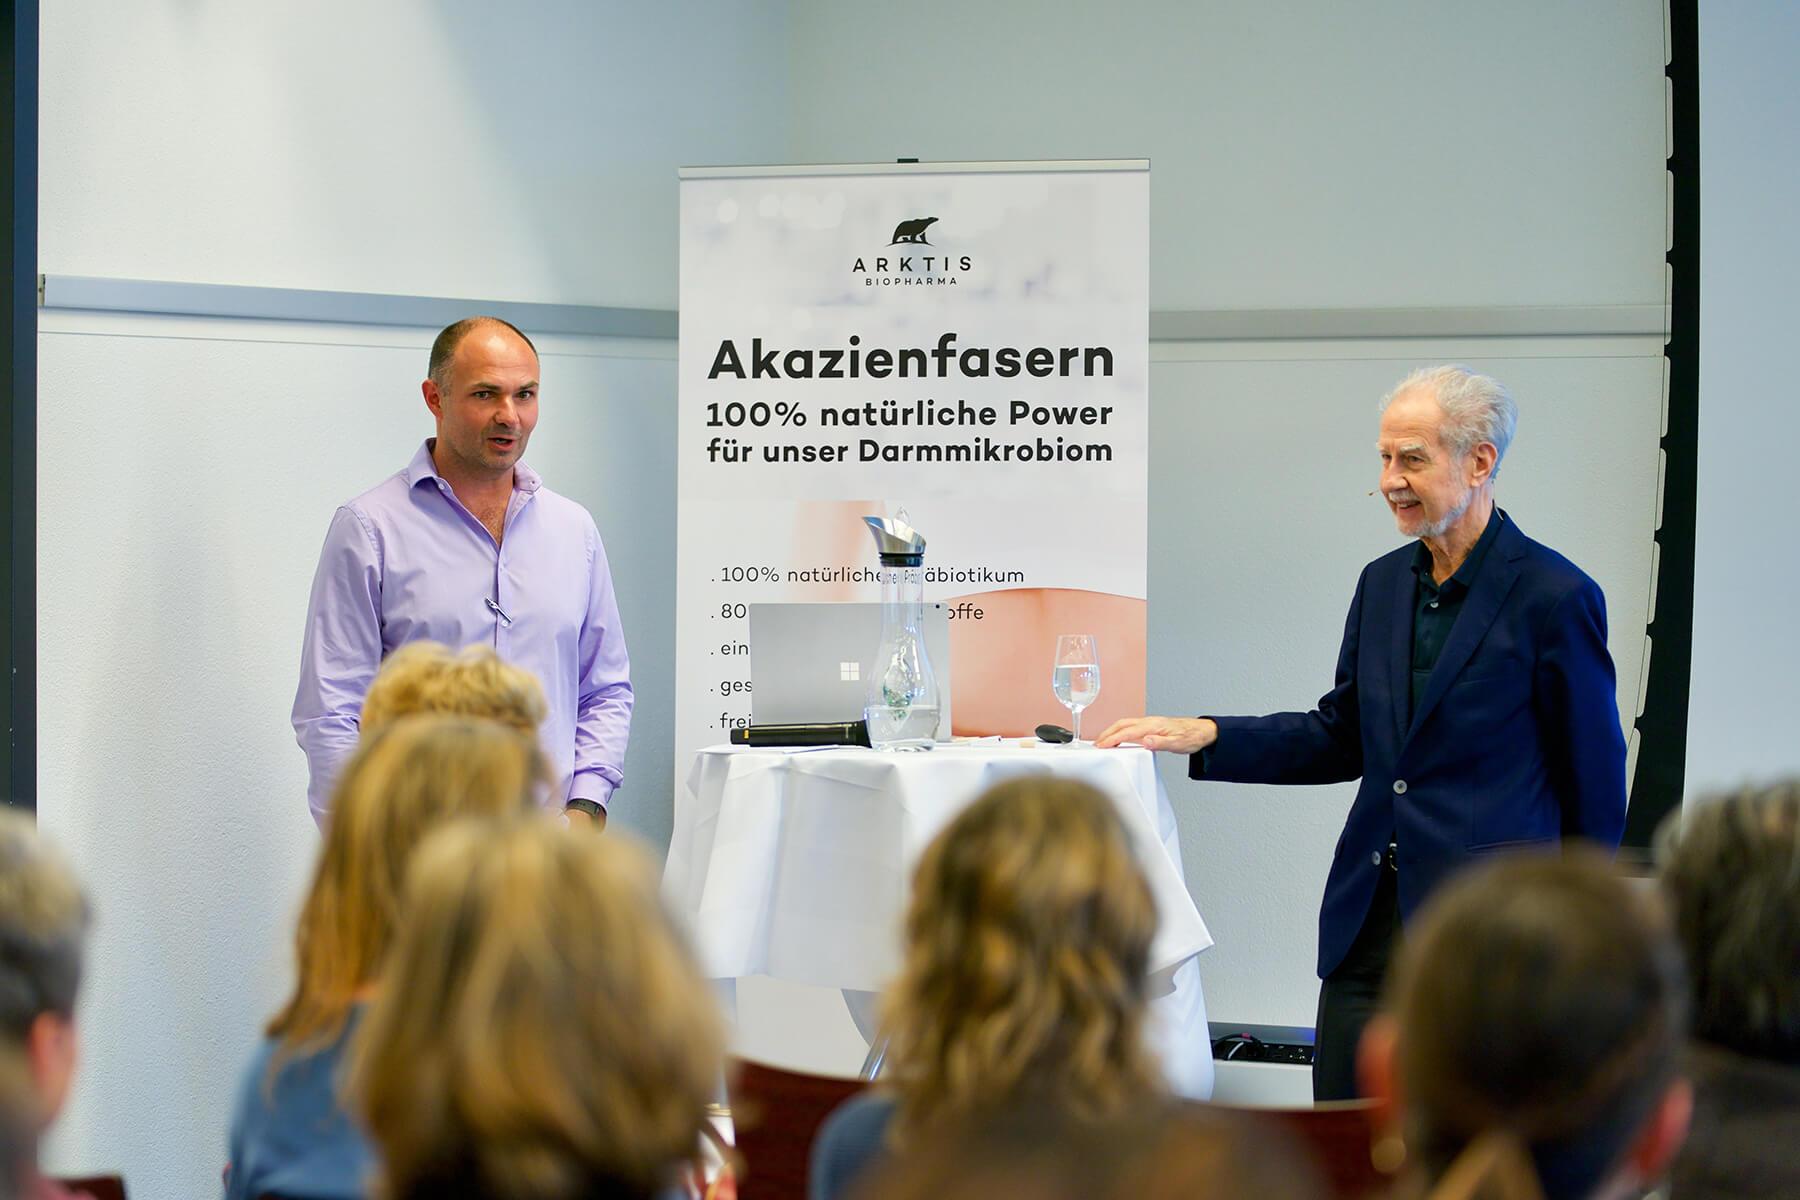 Zwei Männer bei der Präsentation